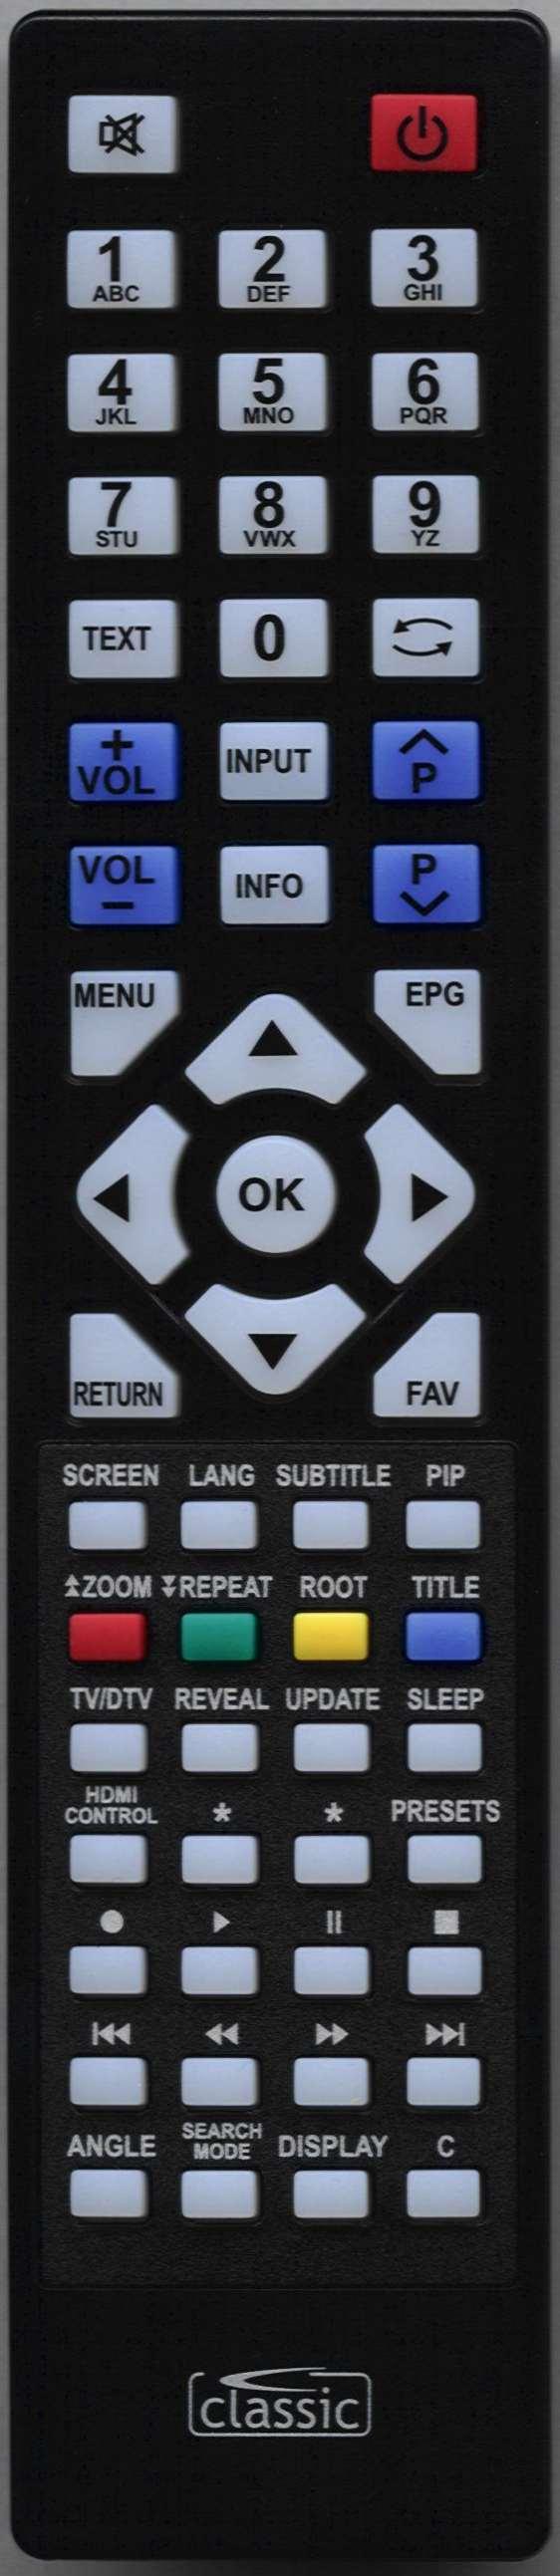 LUXOR LUX22860COB Remote Control Alternative